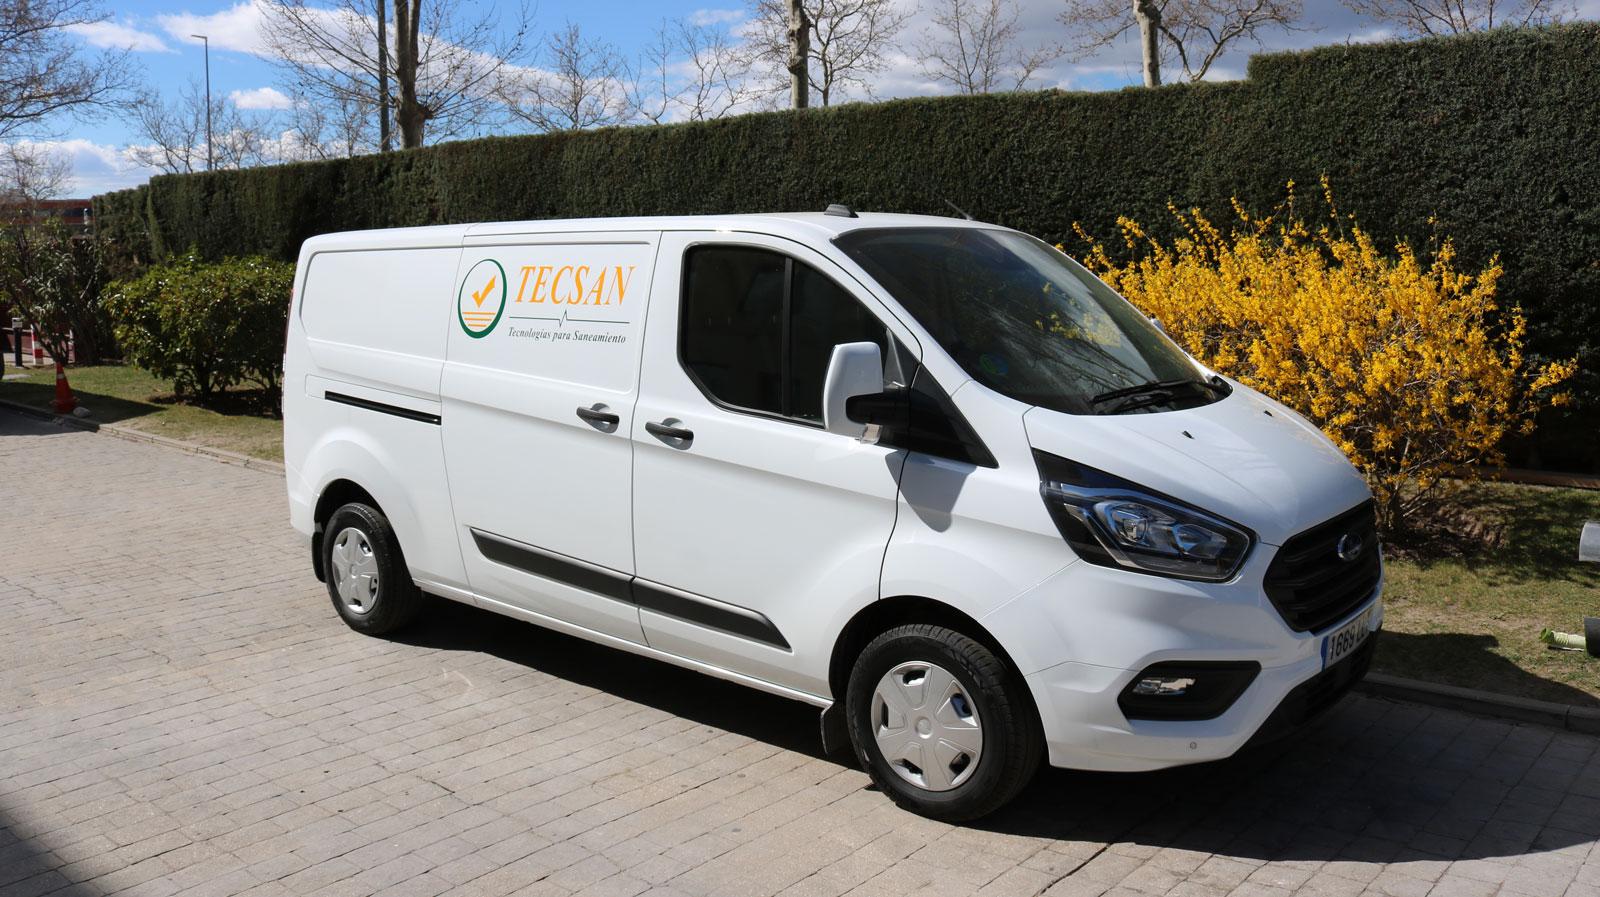 TECSAN incorpora un nuevo furgón para realizar demostraciones por todo el territorio nacional